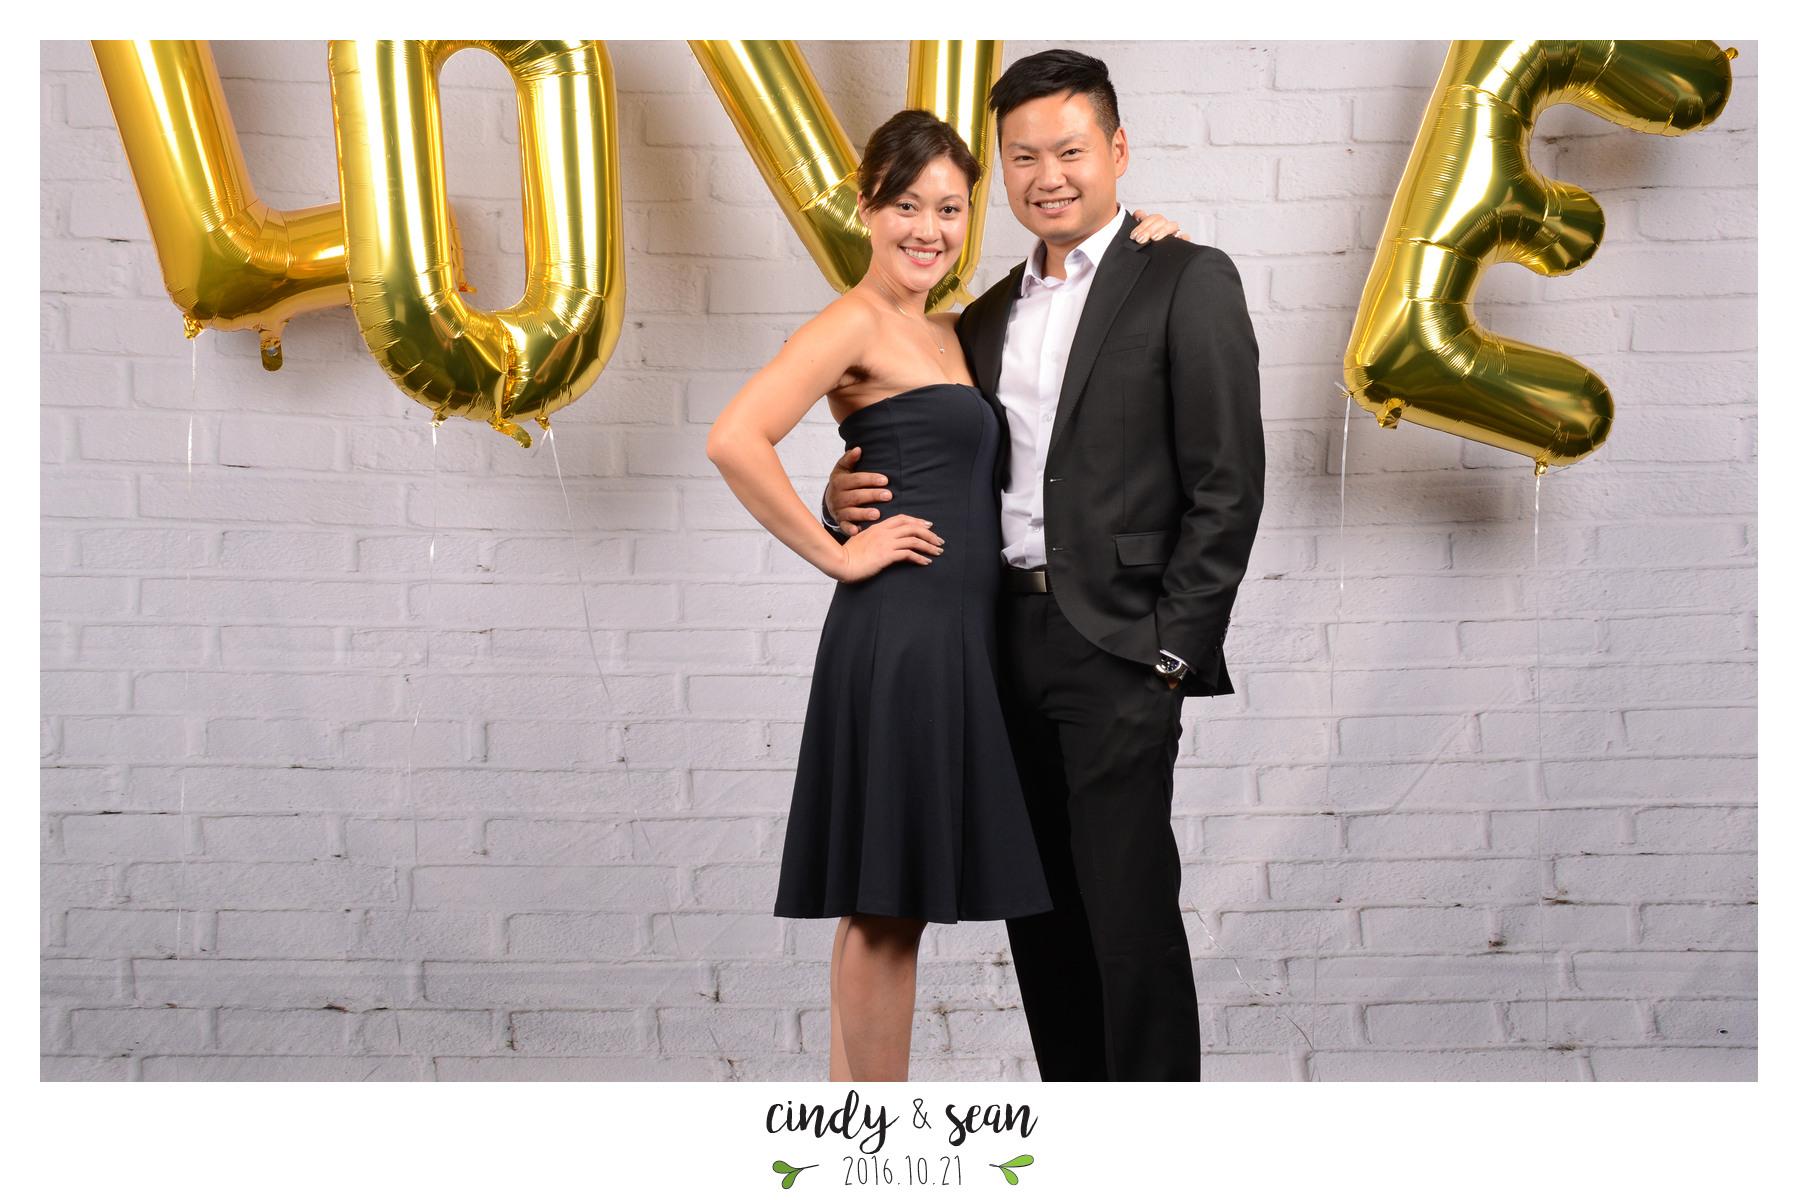 Cindy Sean Bae - 0001-121.jpg